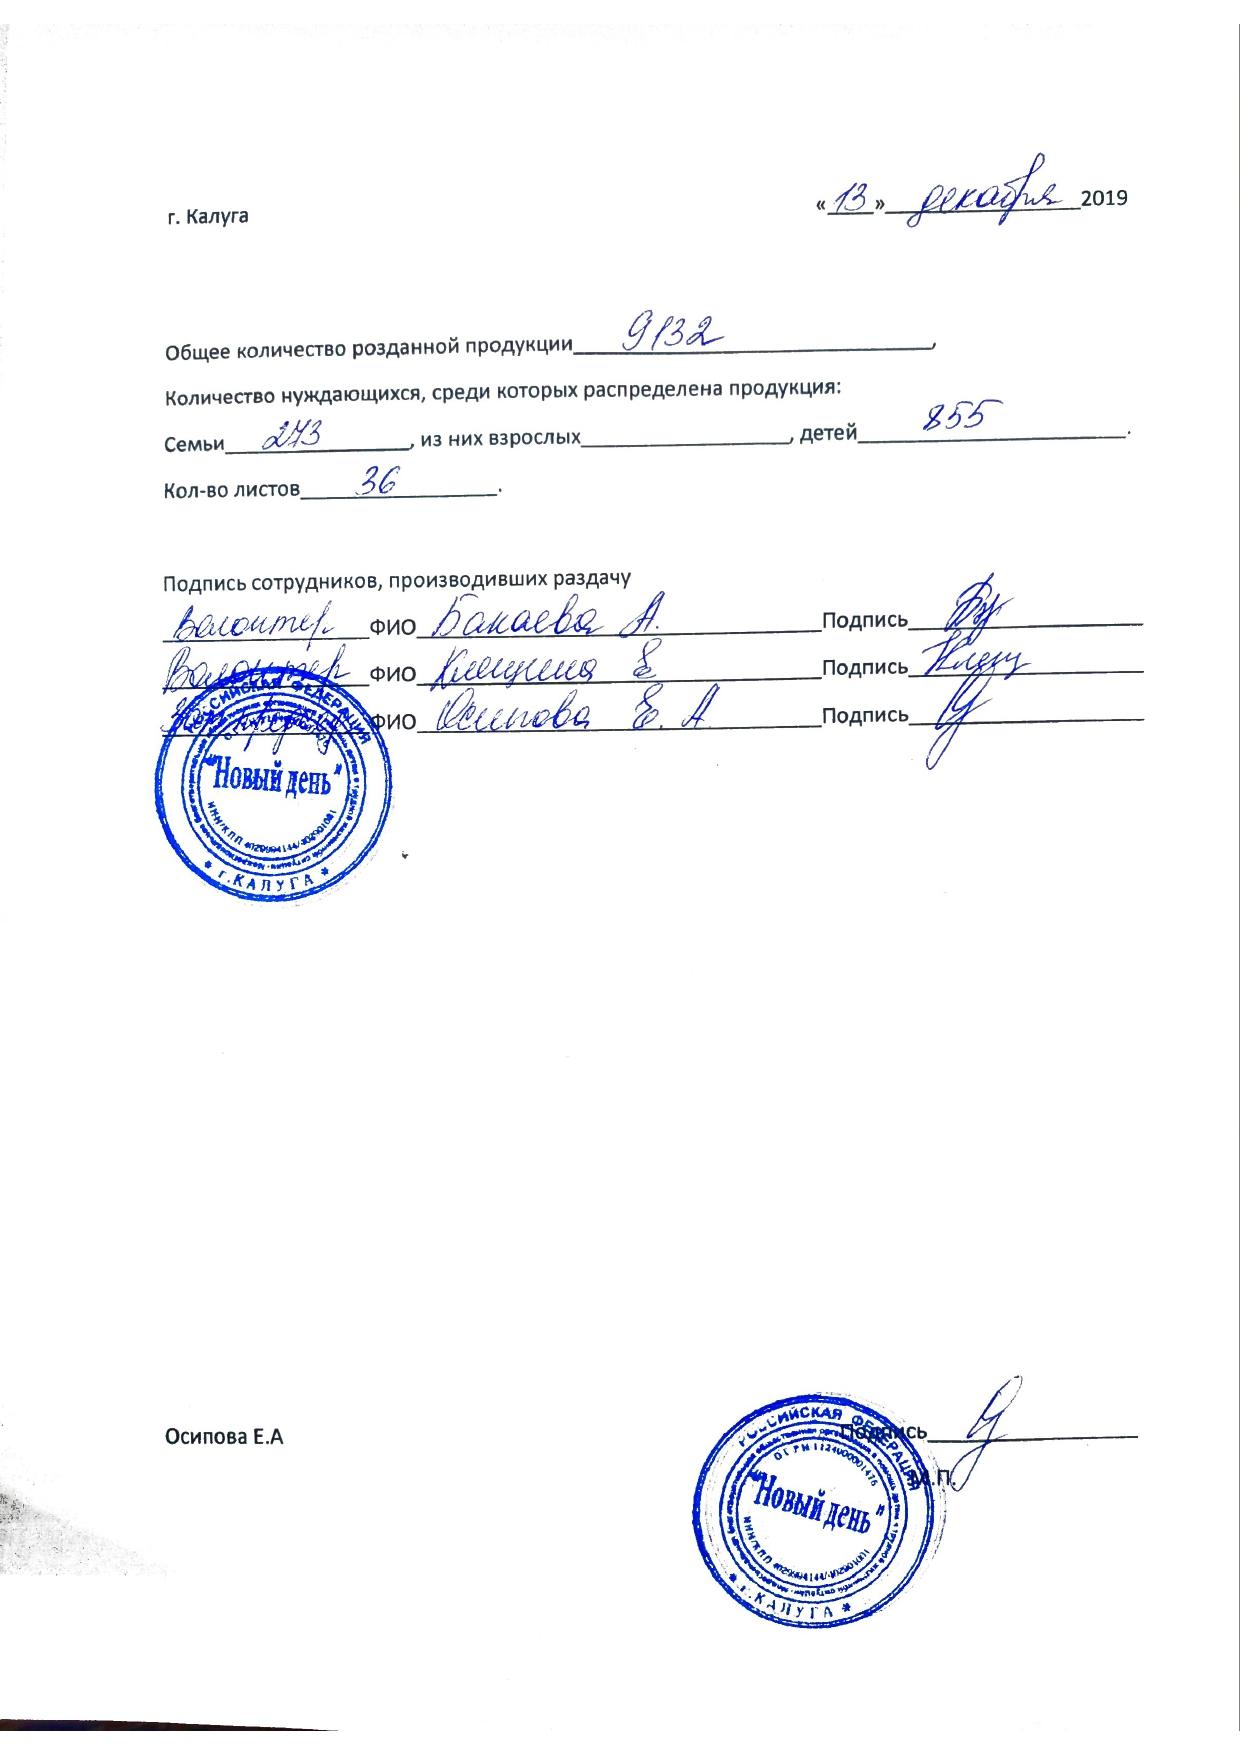 Молочка кол-во 13.12.2019